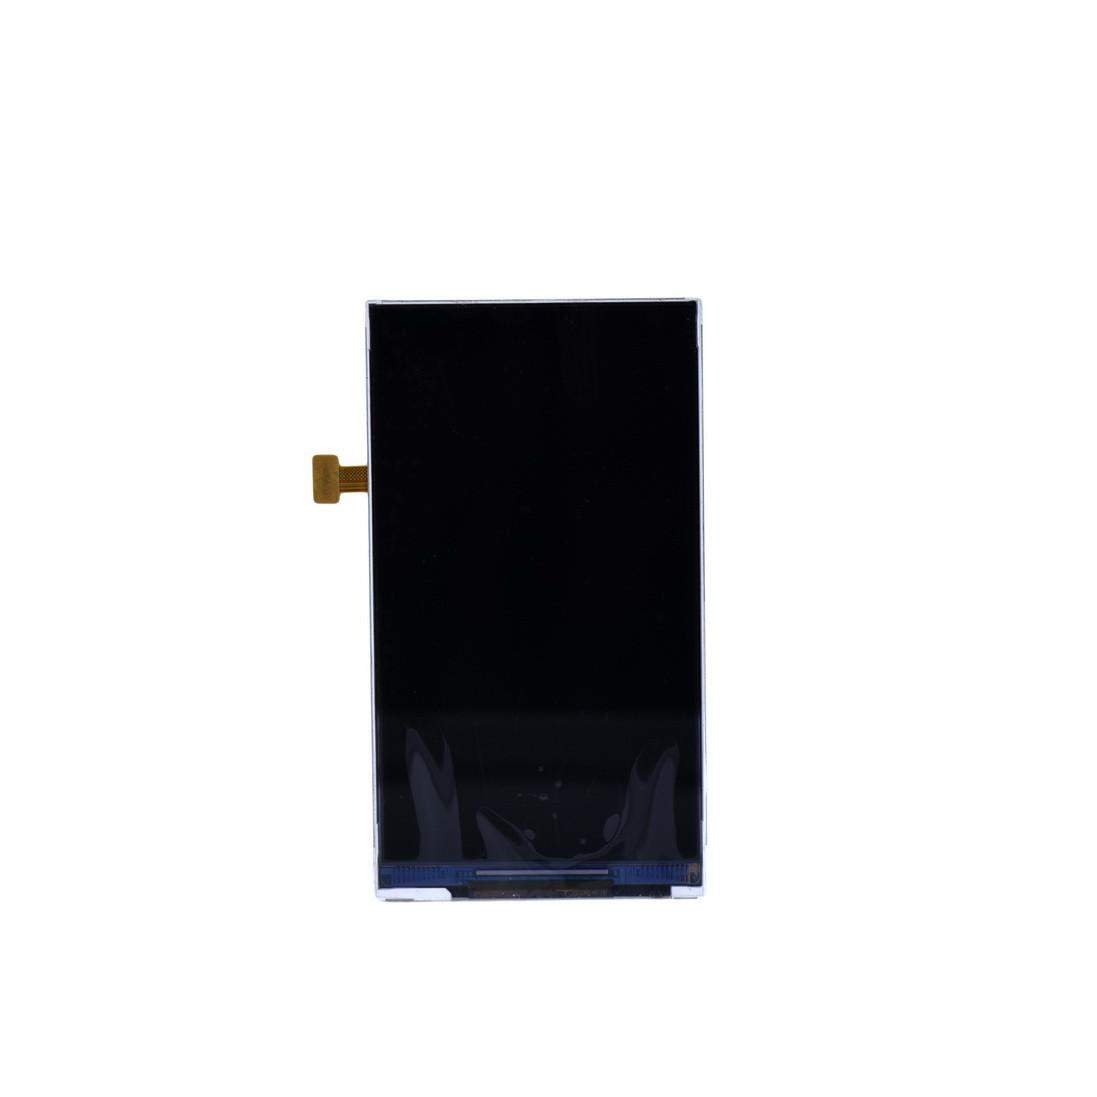 Дисплей Lenovo S720 (34)